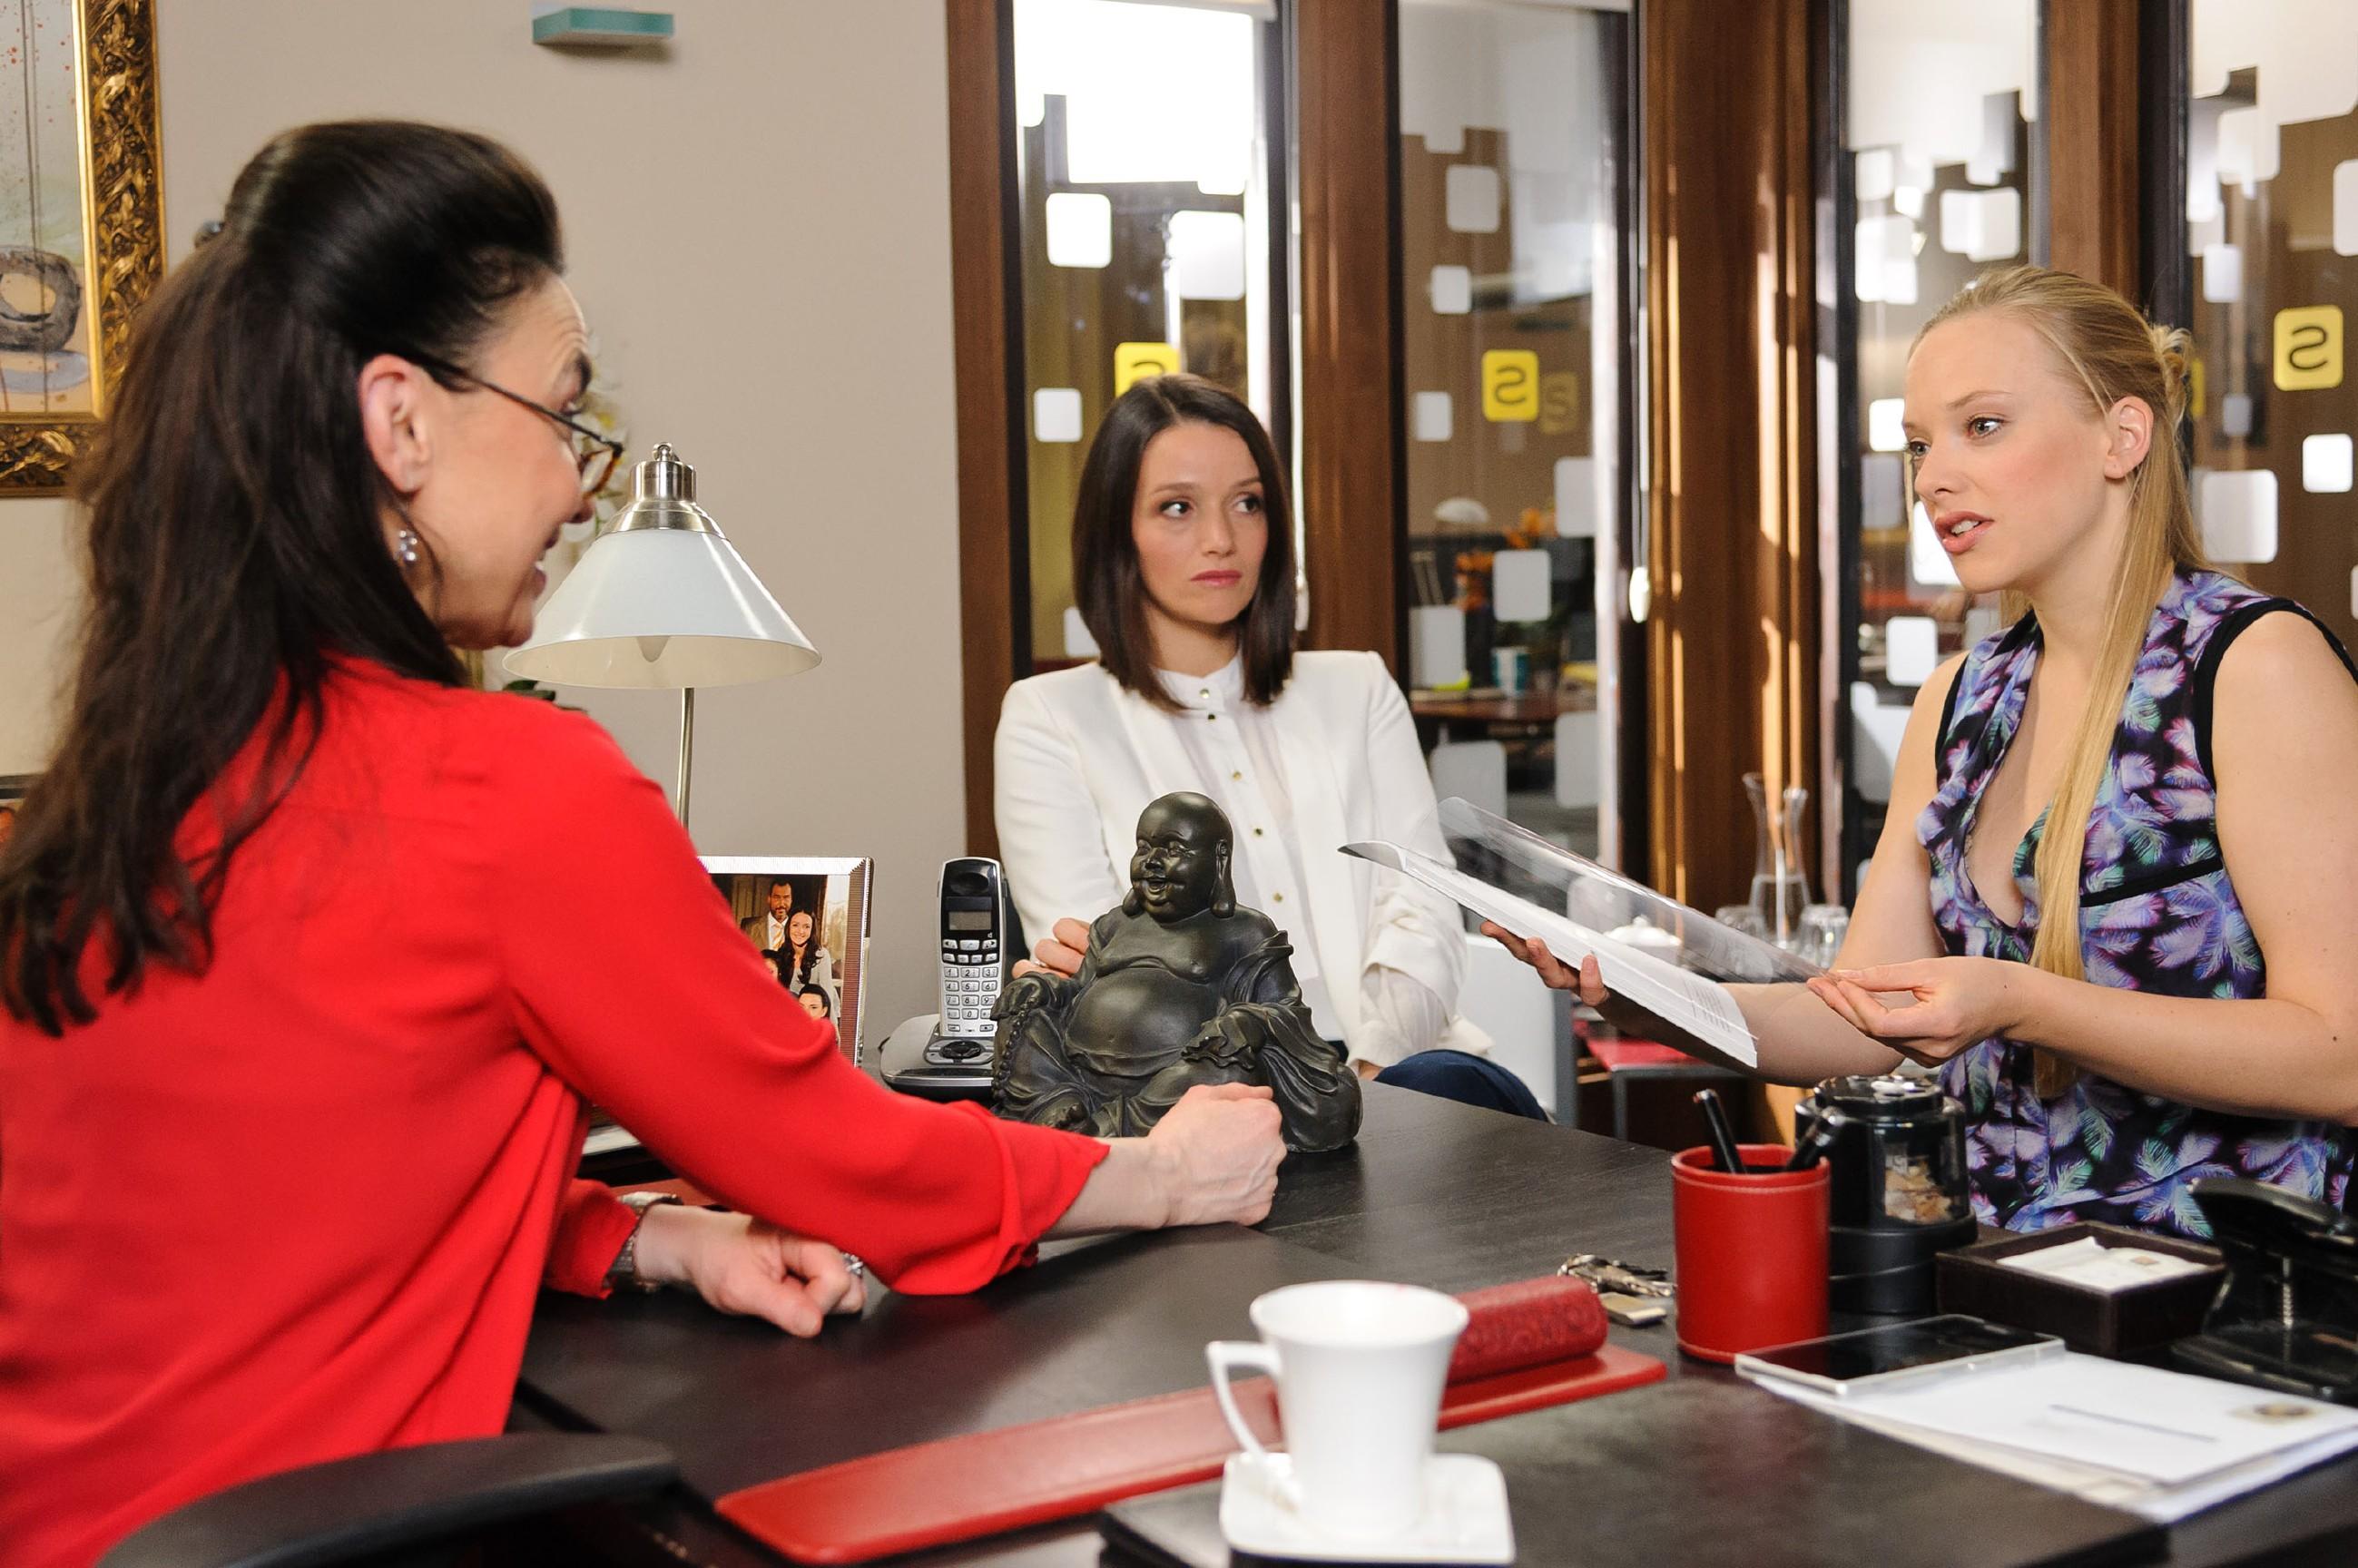 Marie (Judith Neumann, r.) bekommt von Simone (Tatjana Clasing, l.) und Jenny (Kaja Schmidt-Tychsen) ein attraktives Jobangebot, für das sie jedoch einiges aufgeben muss. (Quelle:RTL / Willi Weber)